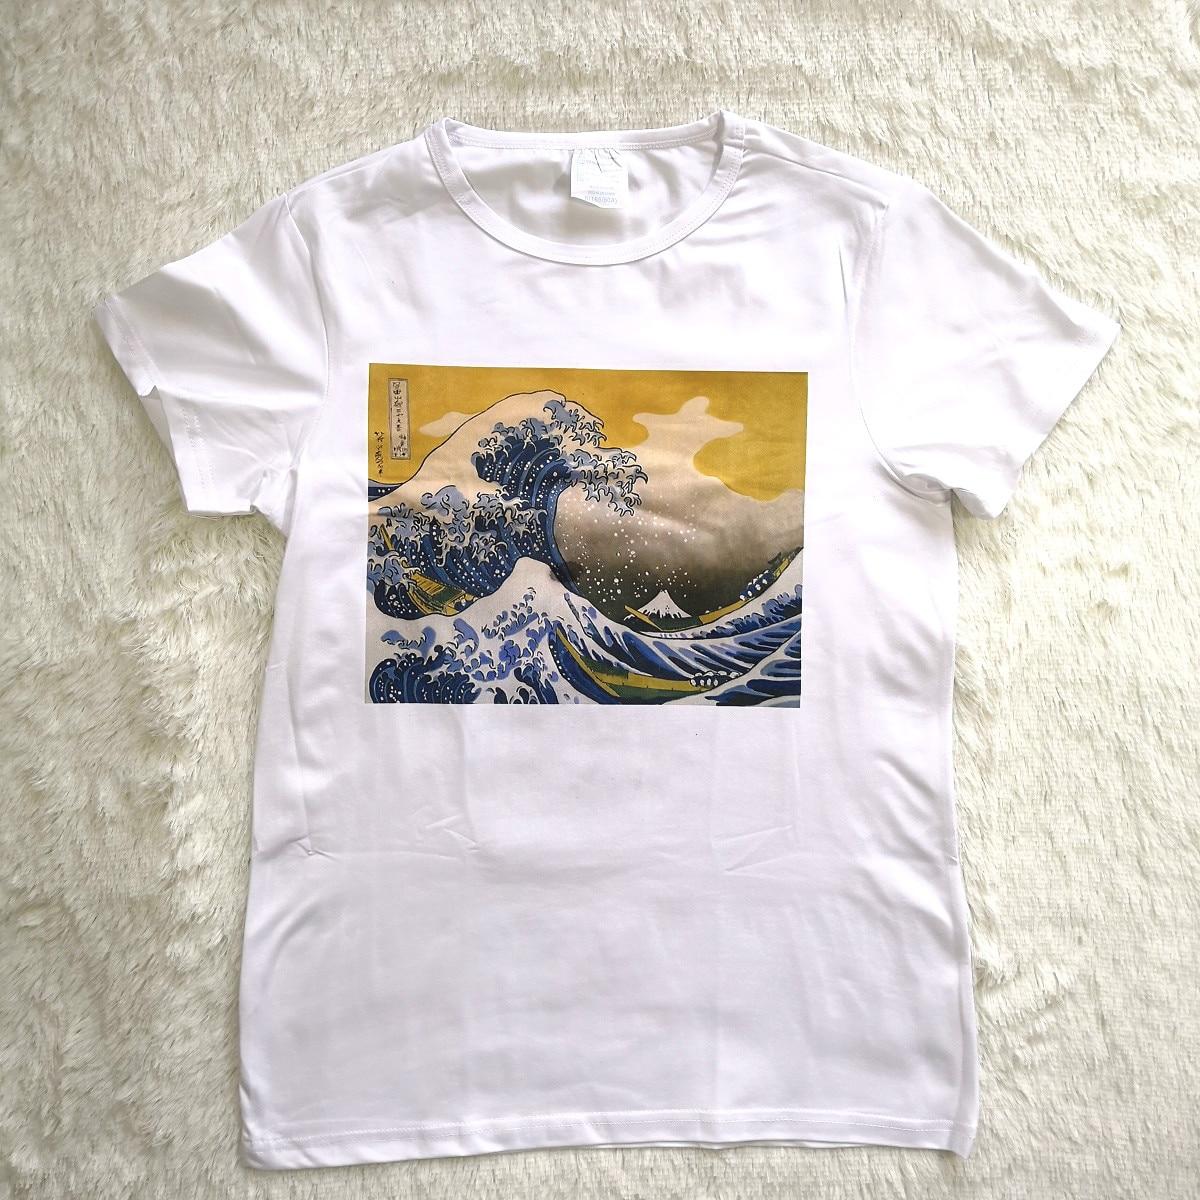 Hillbilly Japanischen Frauen t-shirt Lustige O-ansatz Kurzarm Modell sommer Tops Weiß Casual Top Grundlegende Hipster t shirt frauen Vogue